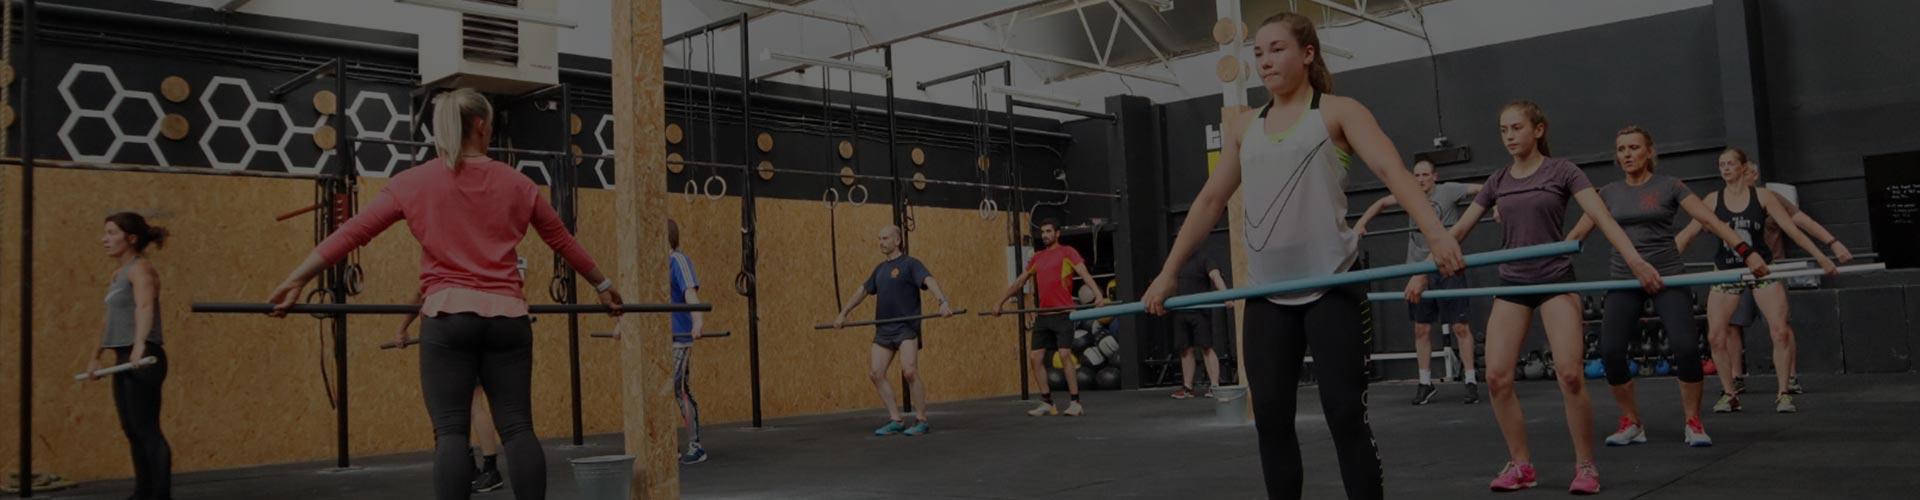 gymnastics classes banner